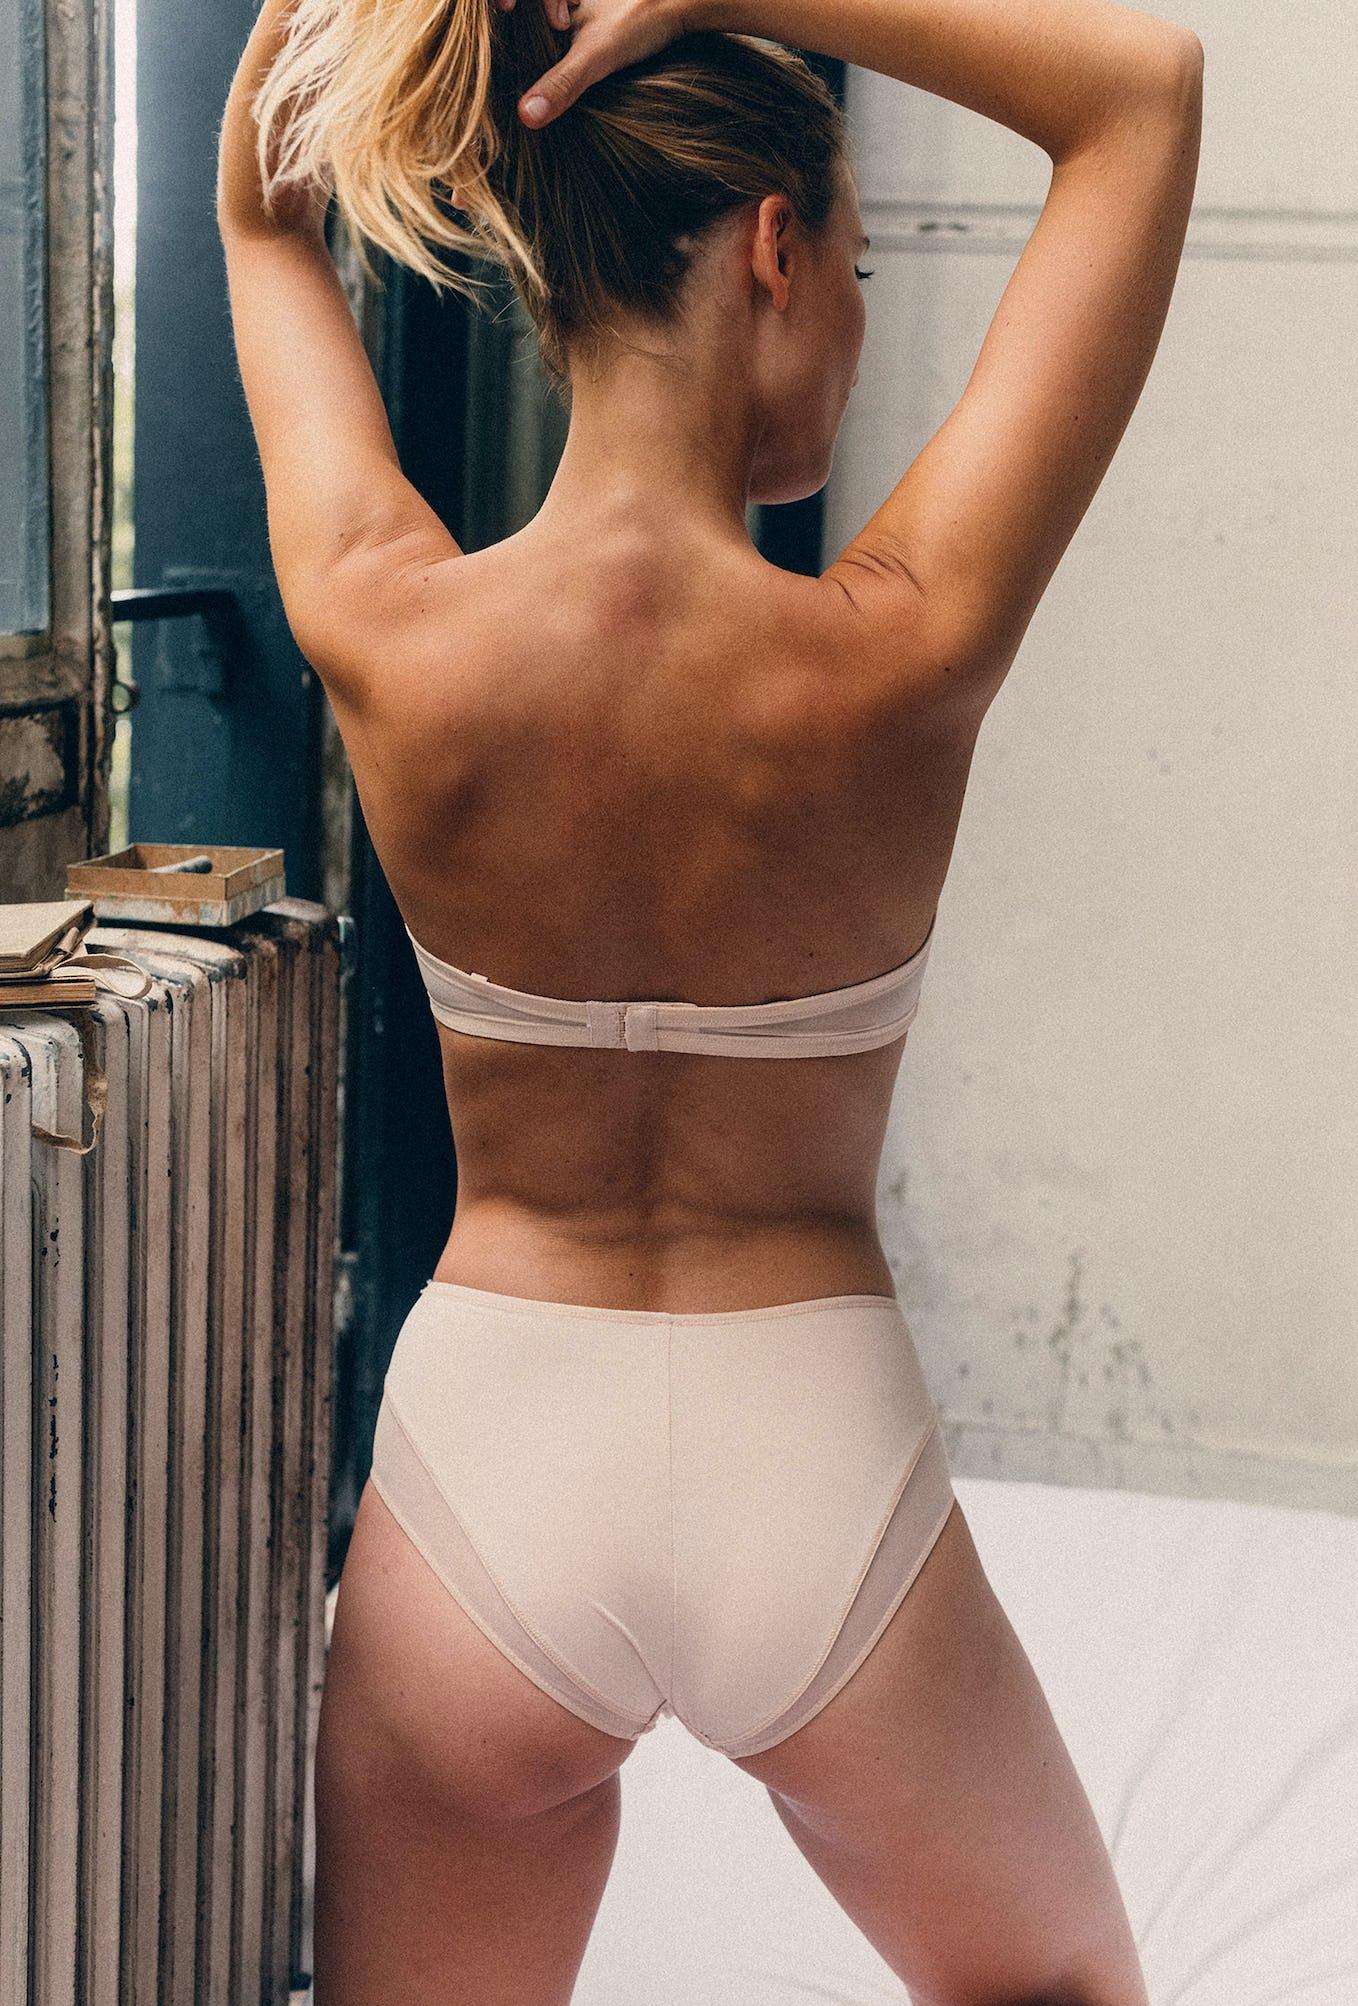 High-waist briefs Histoire de femmes in powdery pink